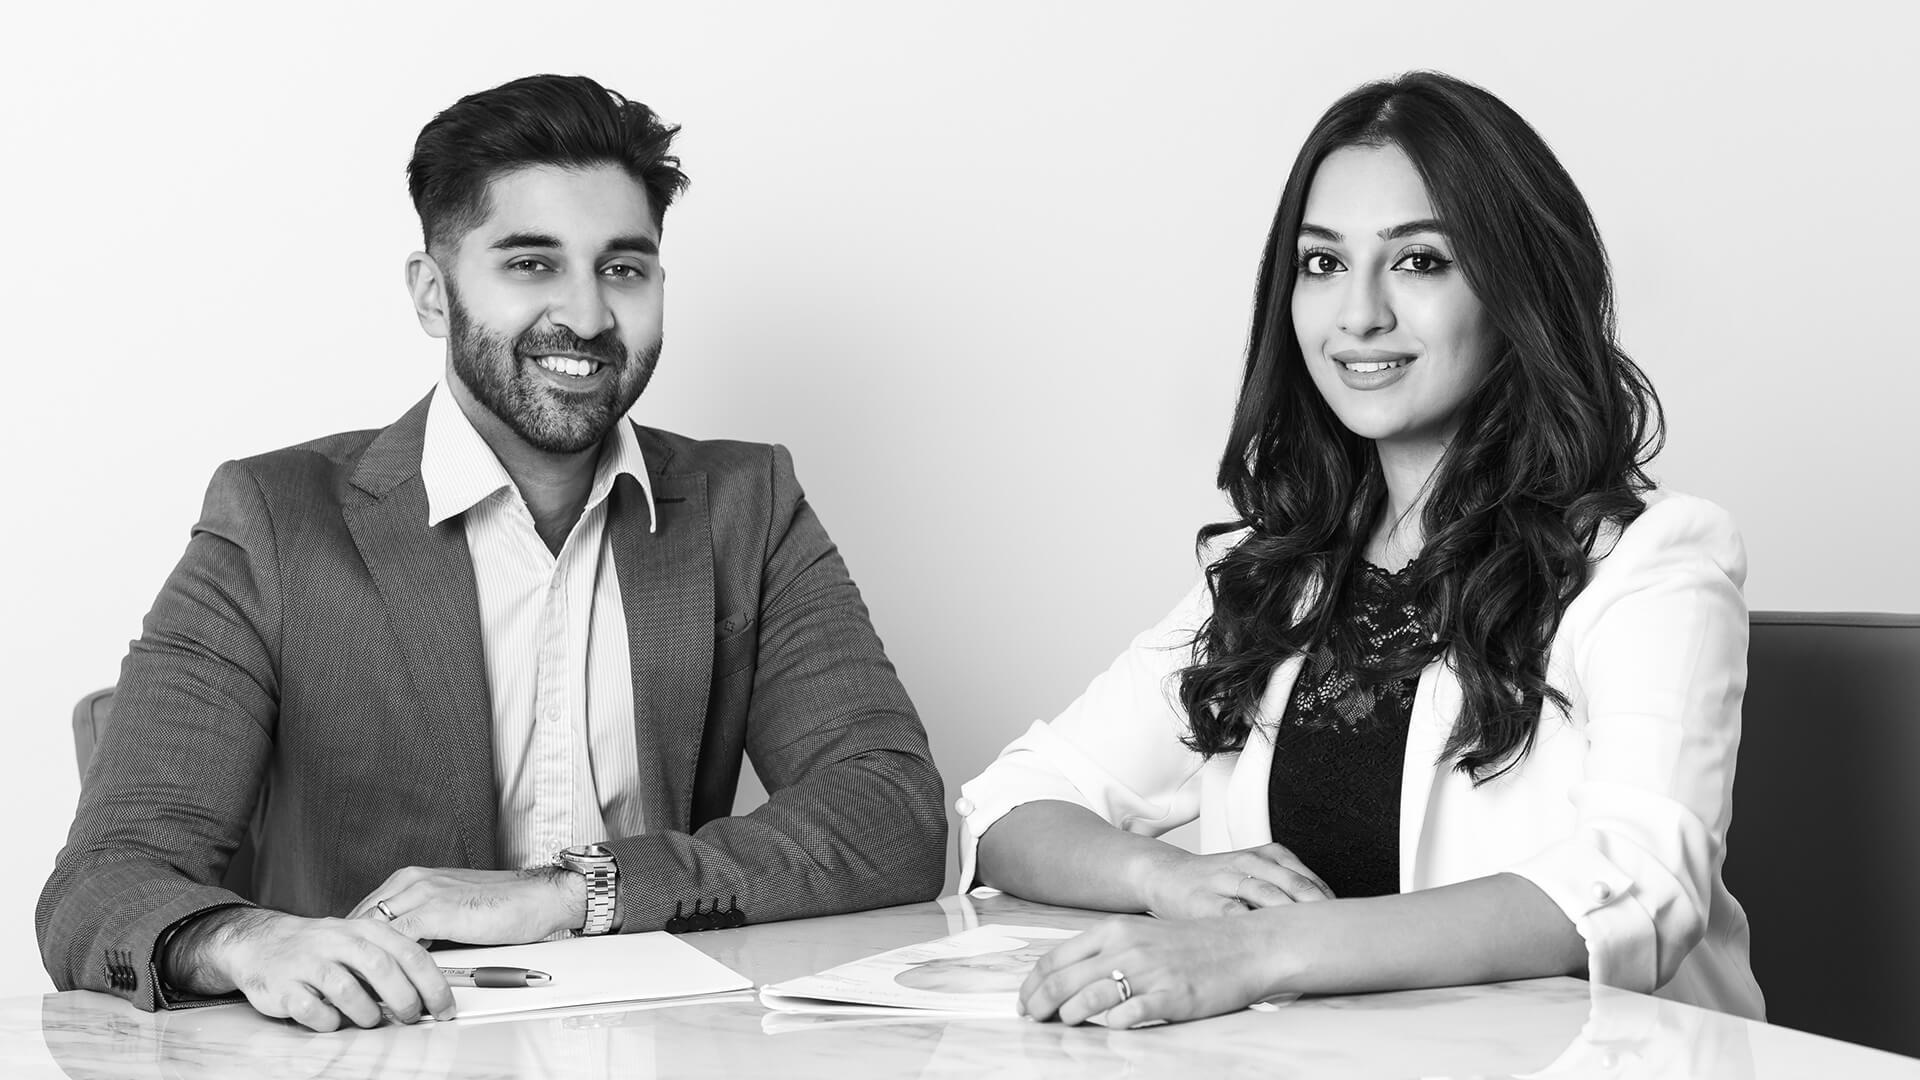 Dr.'s Sanjay Trikha and Tammy Swaby